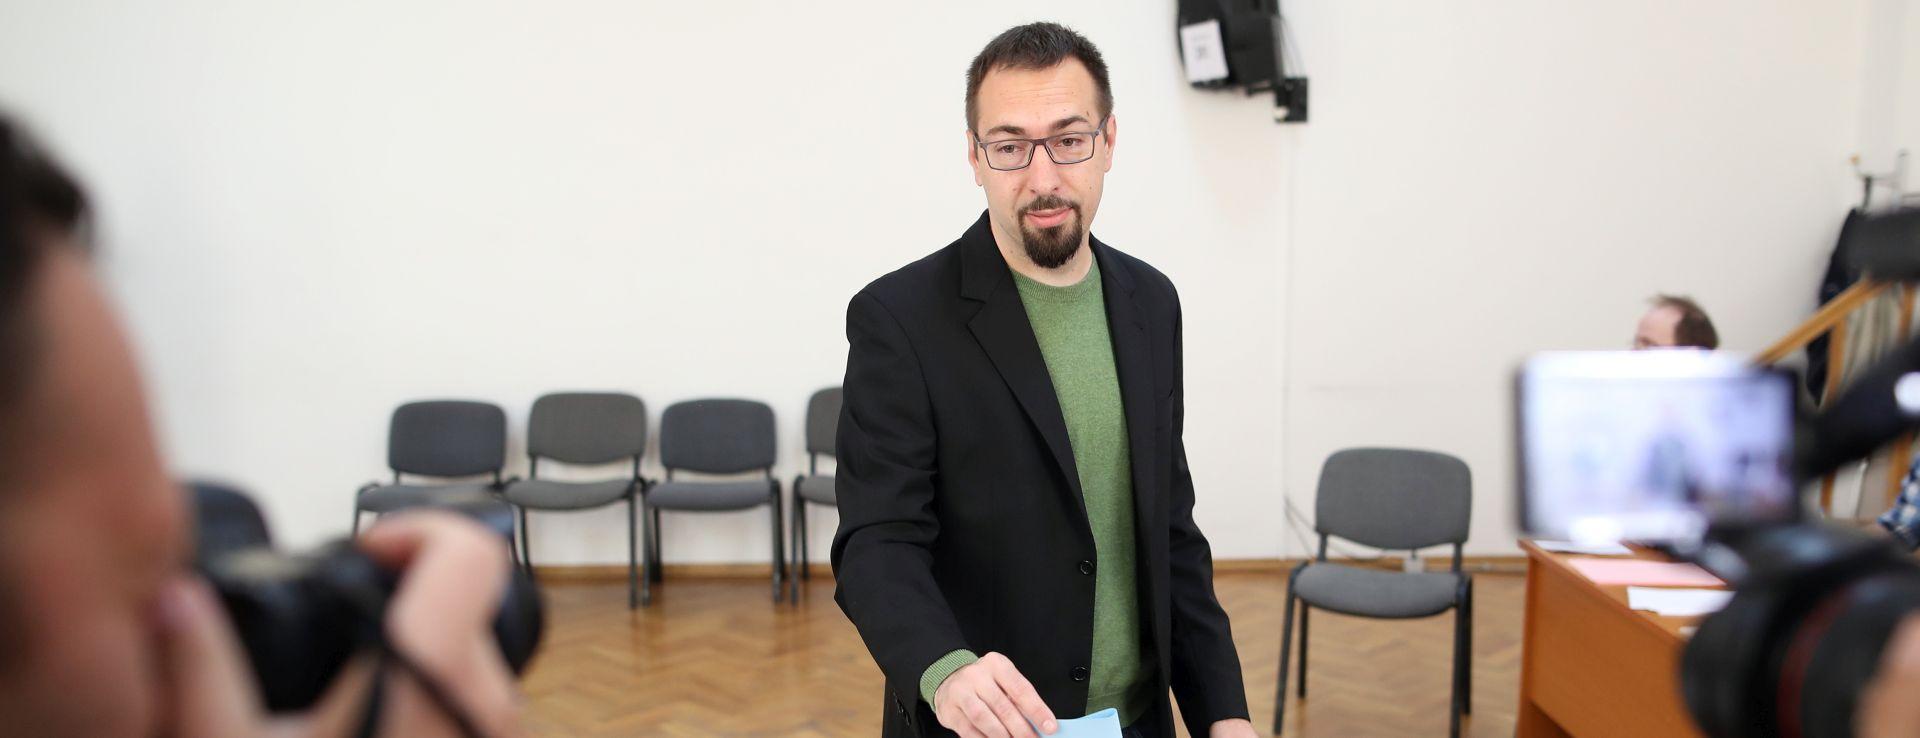 Koalicija Zagreb je naš! Odličan uspjeh na lokalnim izborima, ovo je tek početak